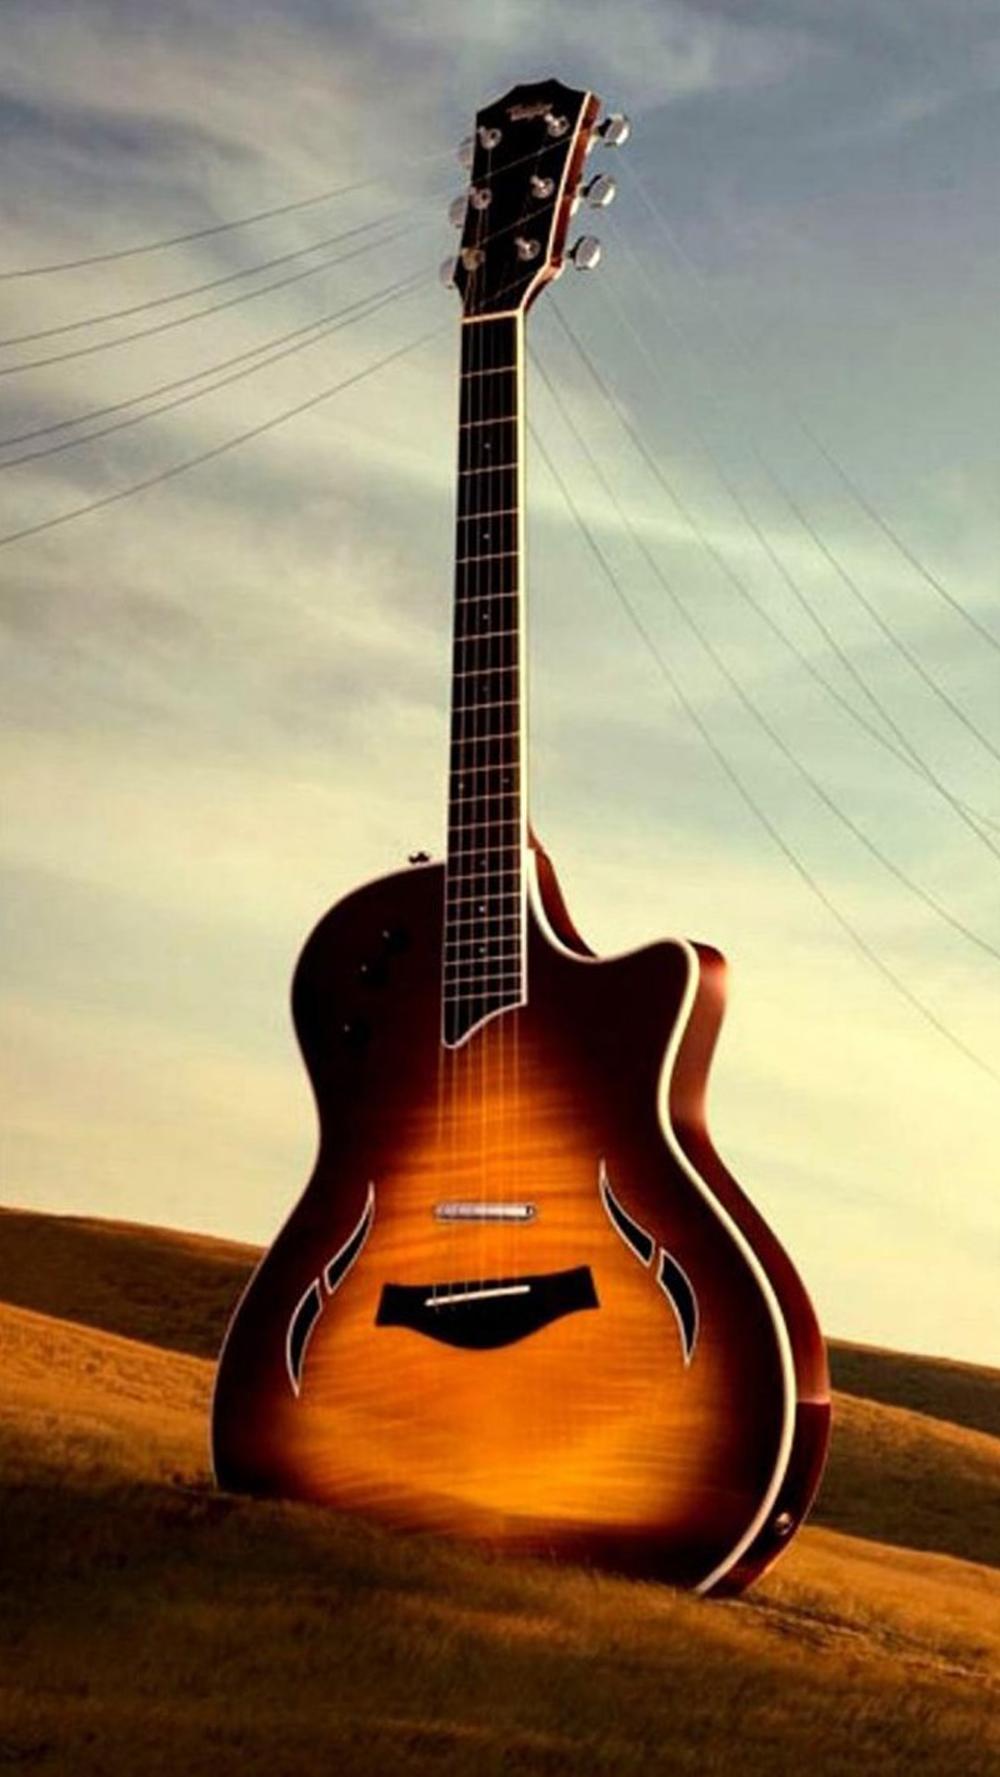 Guitar Hd Wallpaper For Mobile, HD Wallpaper Download di 2020